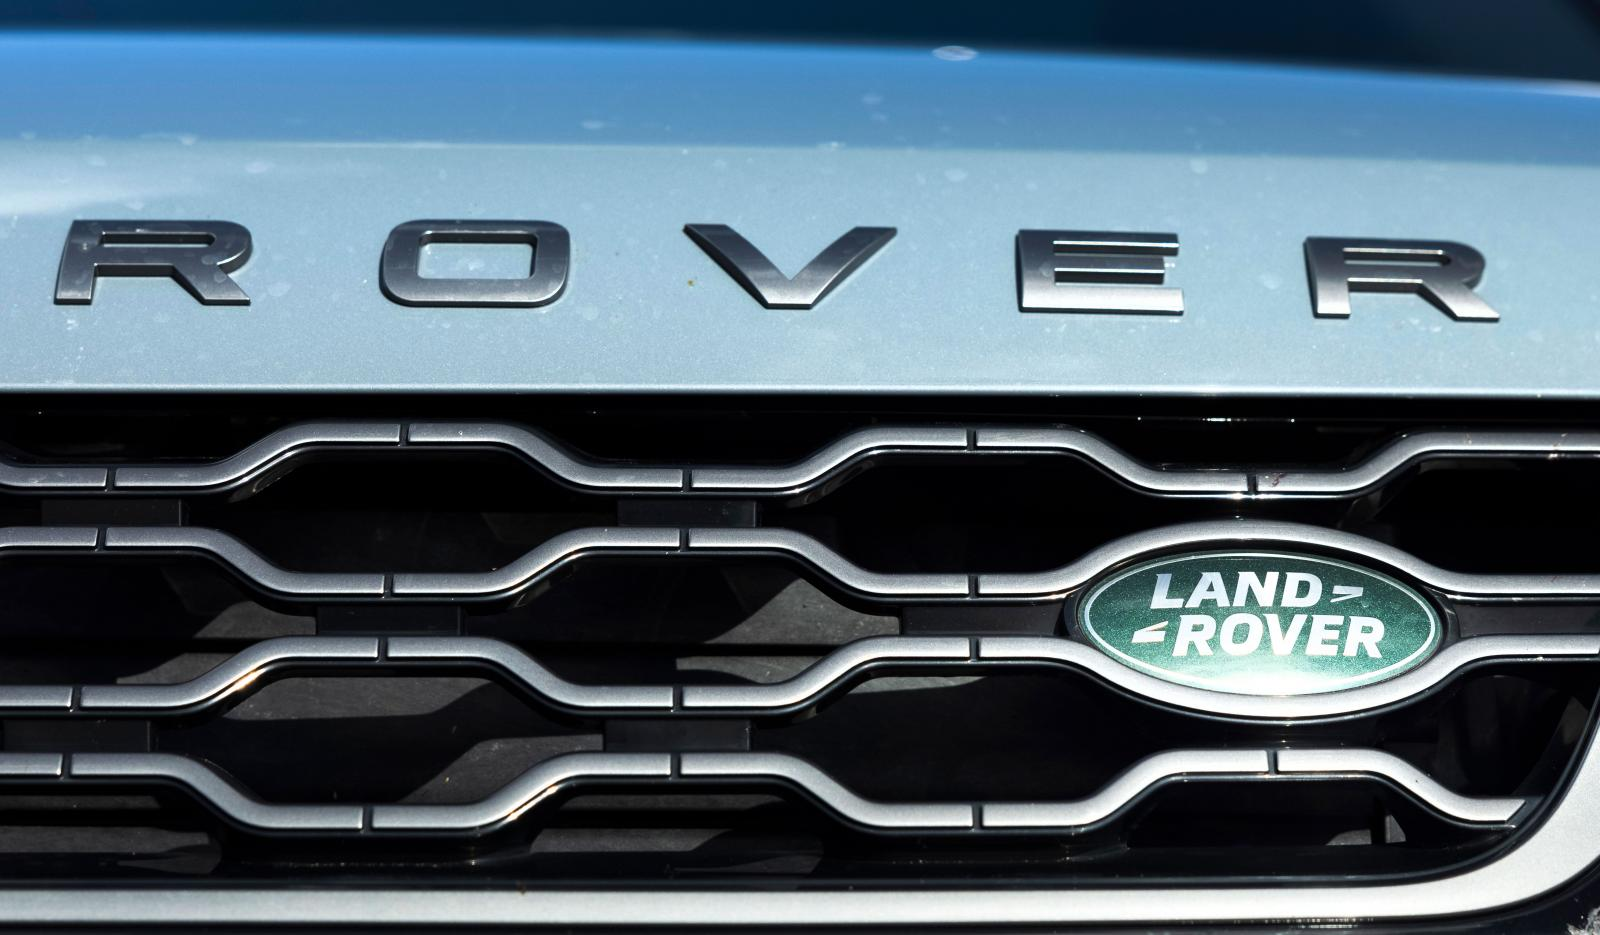 """Vi säger Range Rover Evoque, men Range Rover är inget fristående märke vilket borde ge modellen """"Land Rover Range Rover Evoque D180 AWD First Edition"""". Omständligt."""